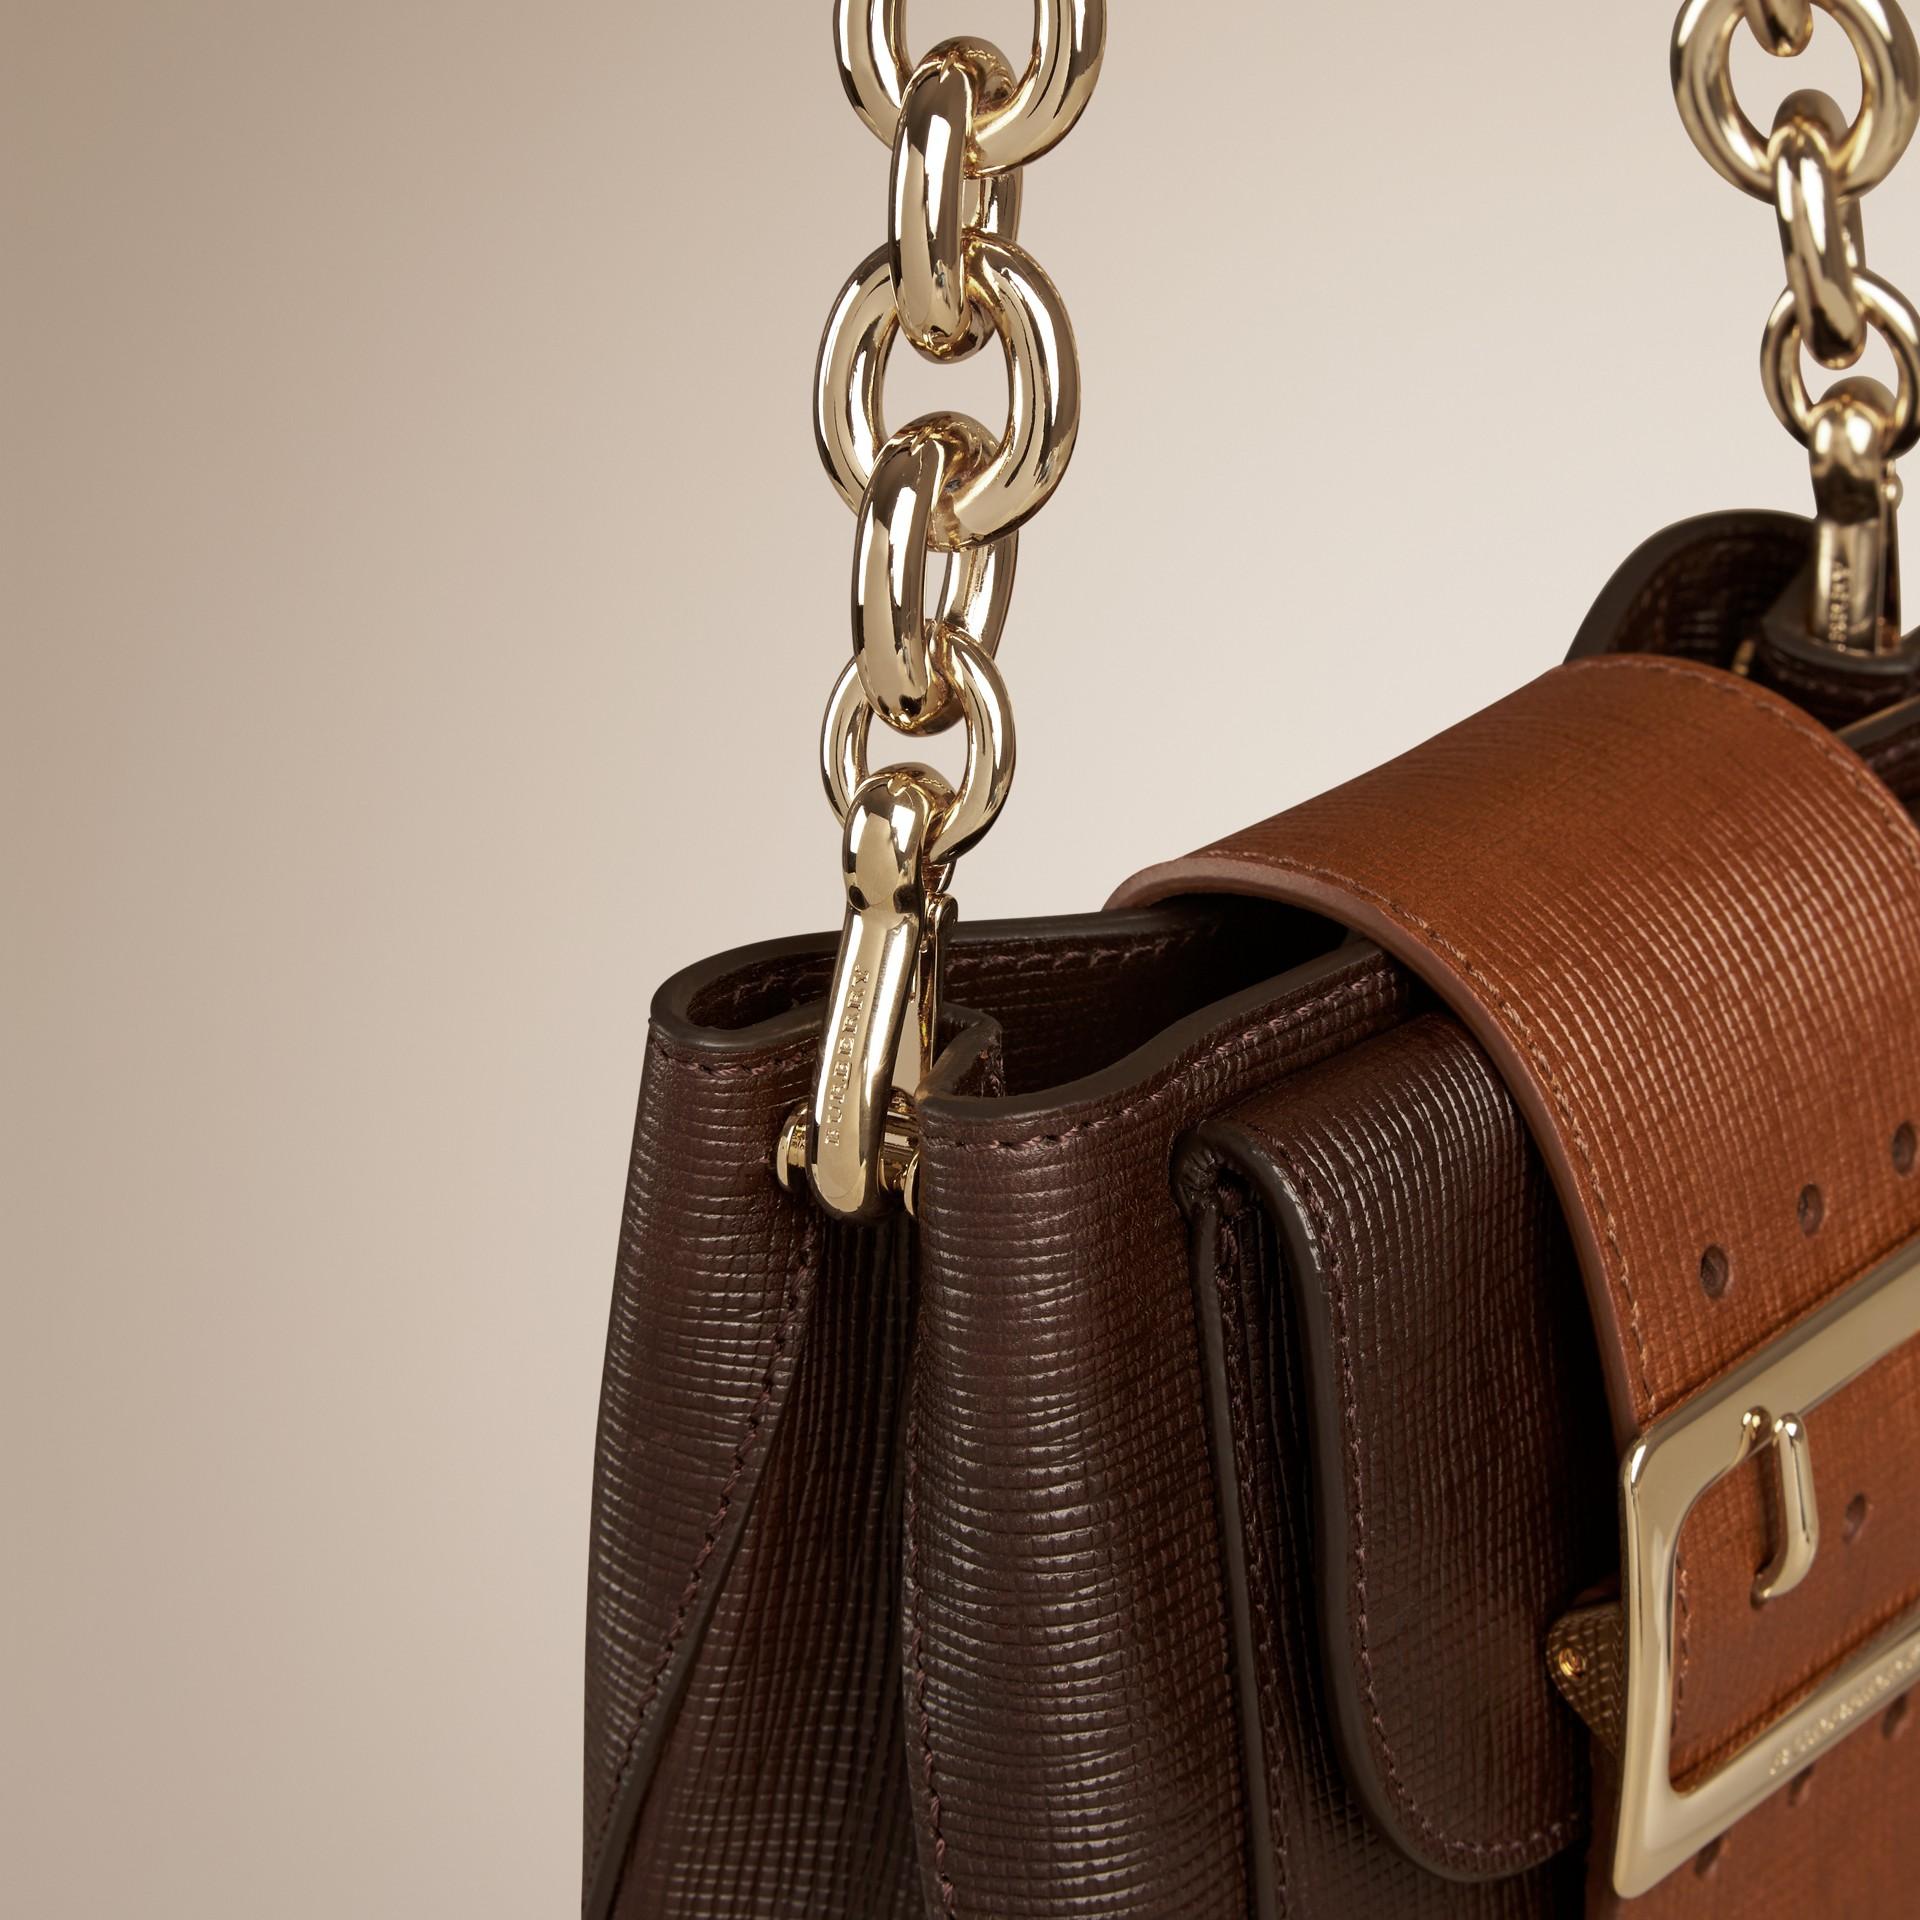 Marron girofle sombre Petit sac The Buckle carré en cuir texturé - photo de la galerie 6